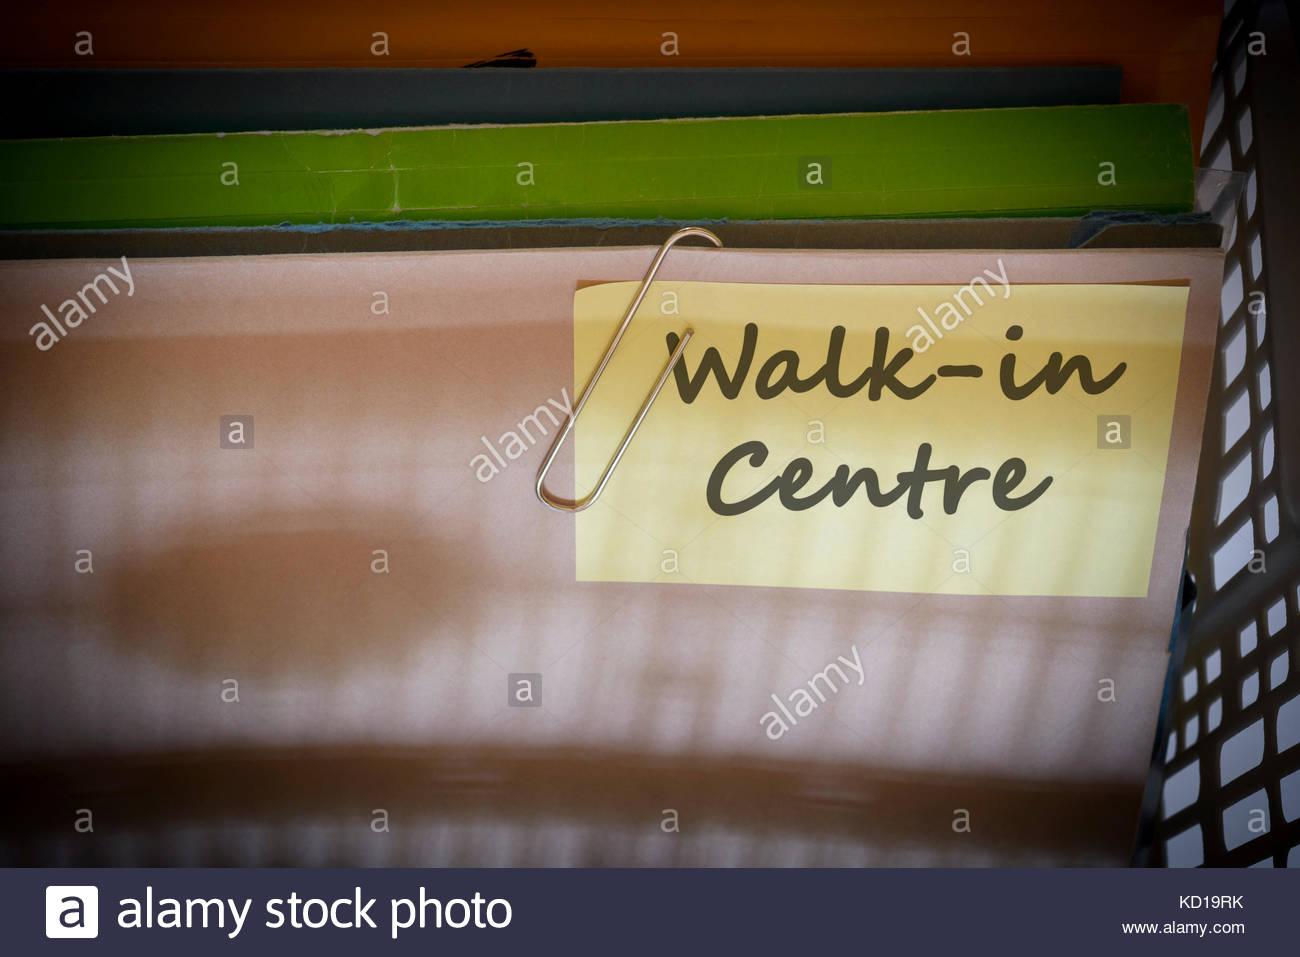 Walk-in Centre written on document folder, Dorset, England. - Stock Image